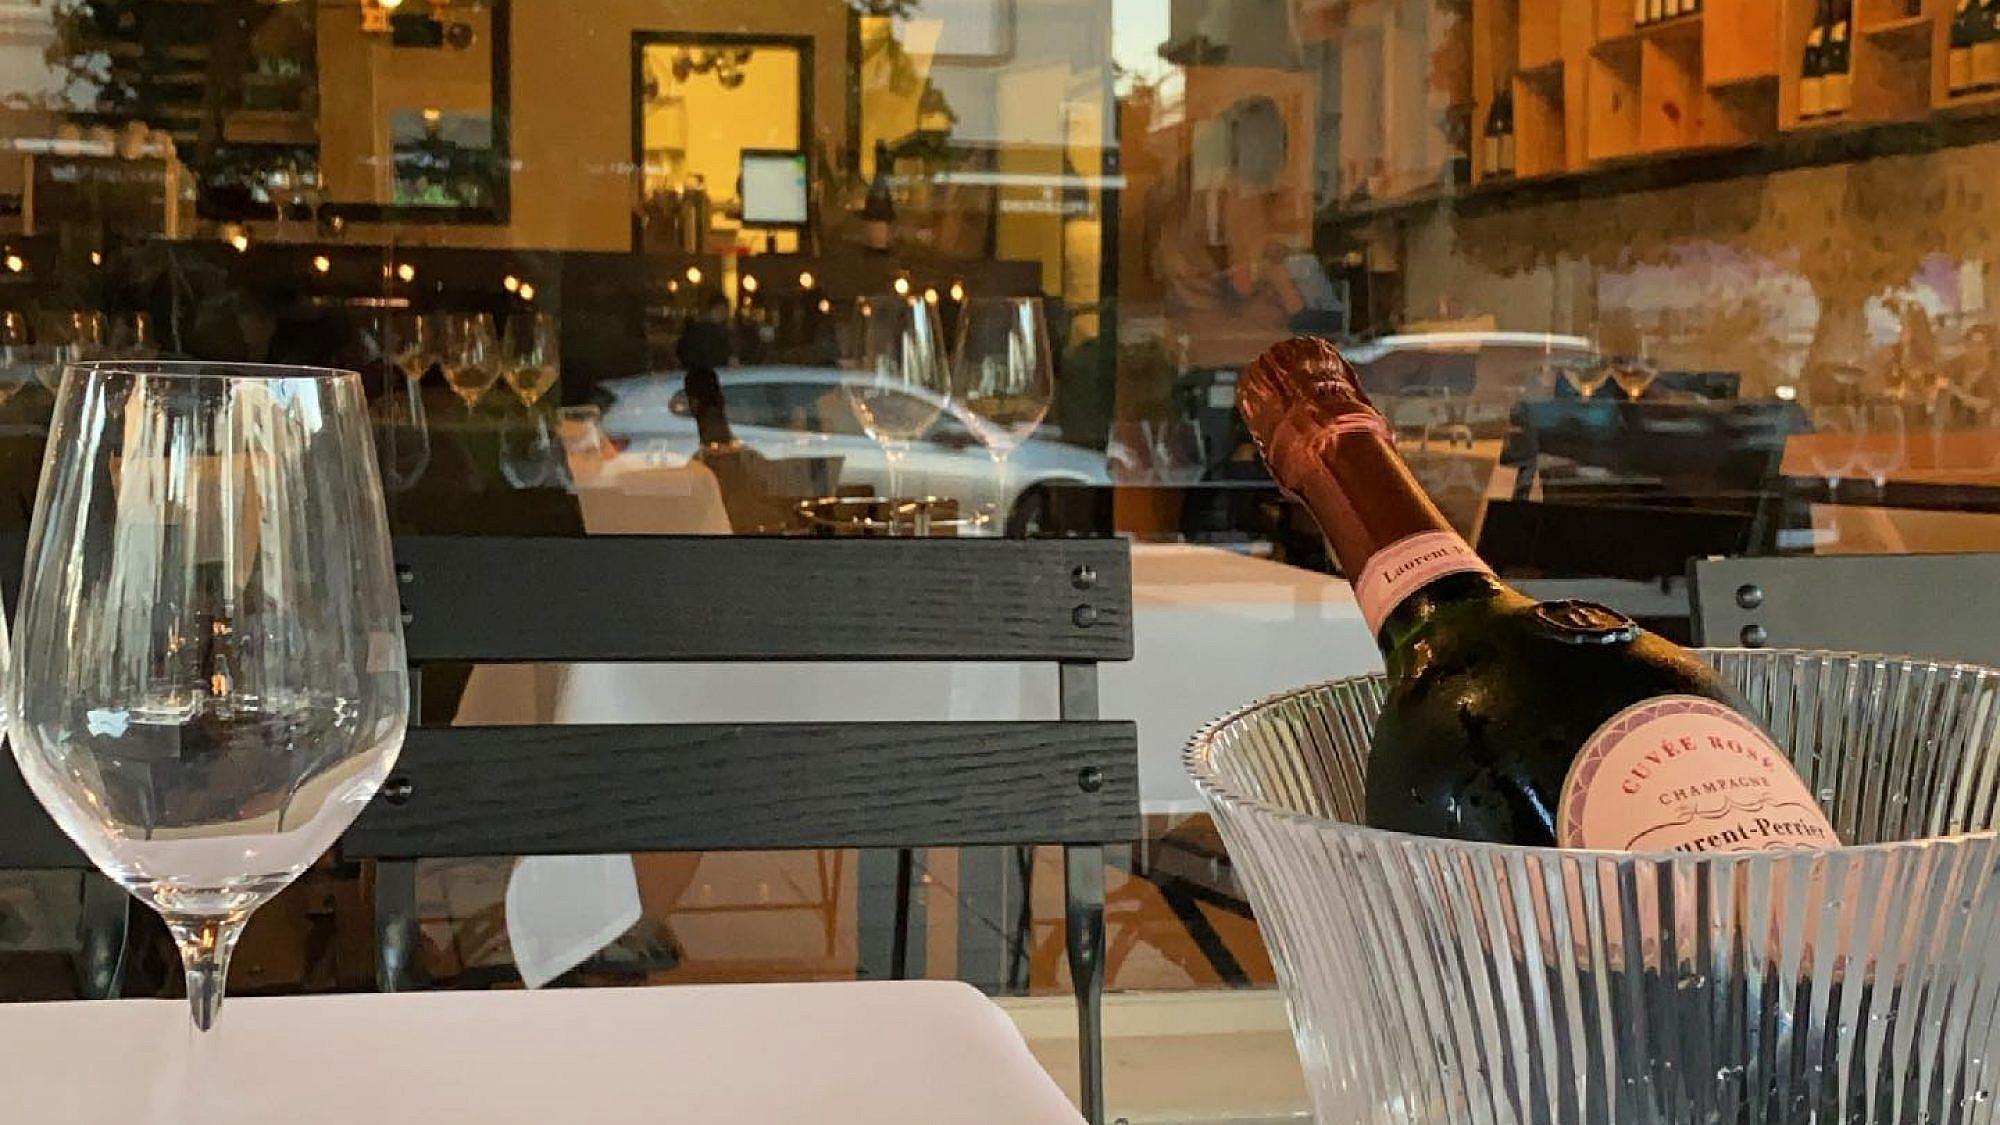 ג'נגו בר יין. צילום: עמוד הפייסבוק של המסעדה